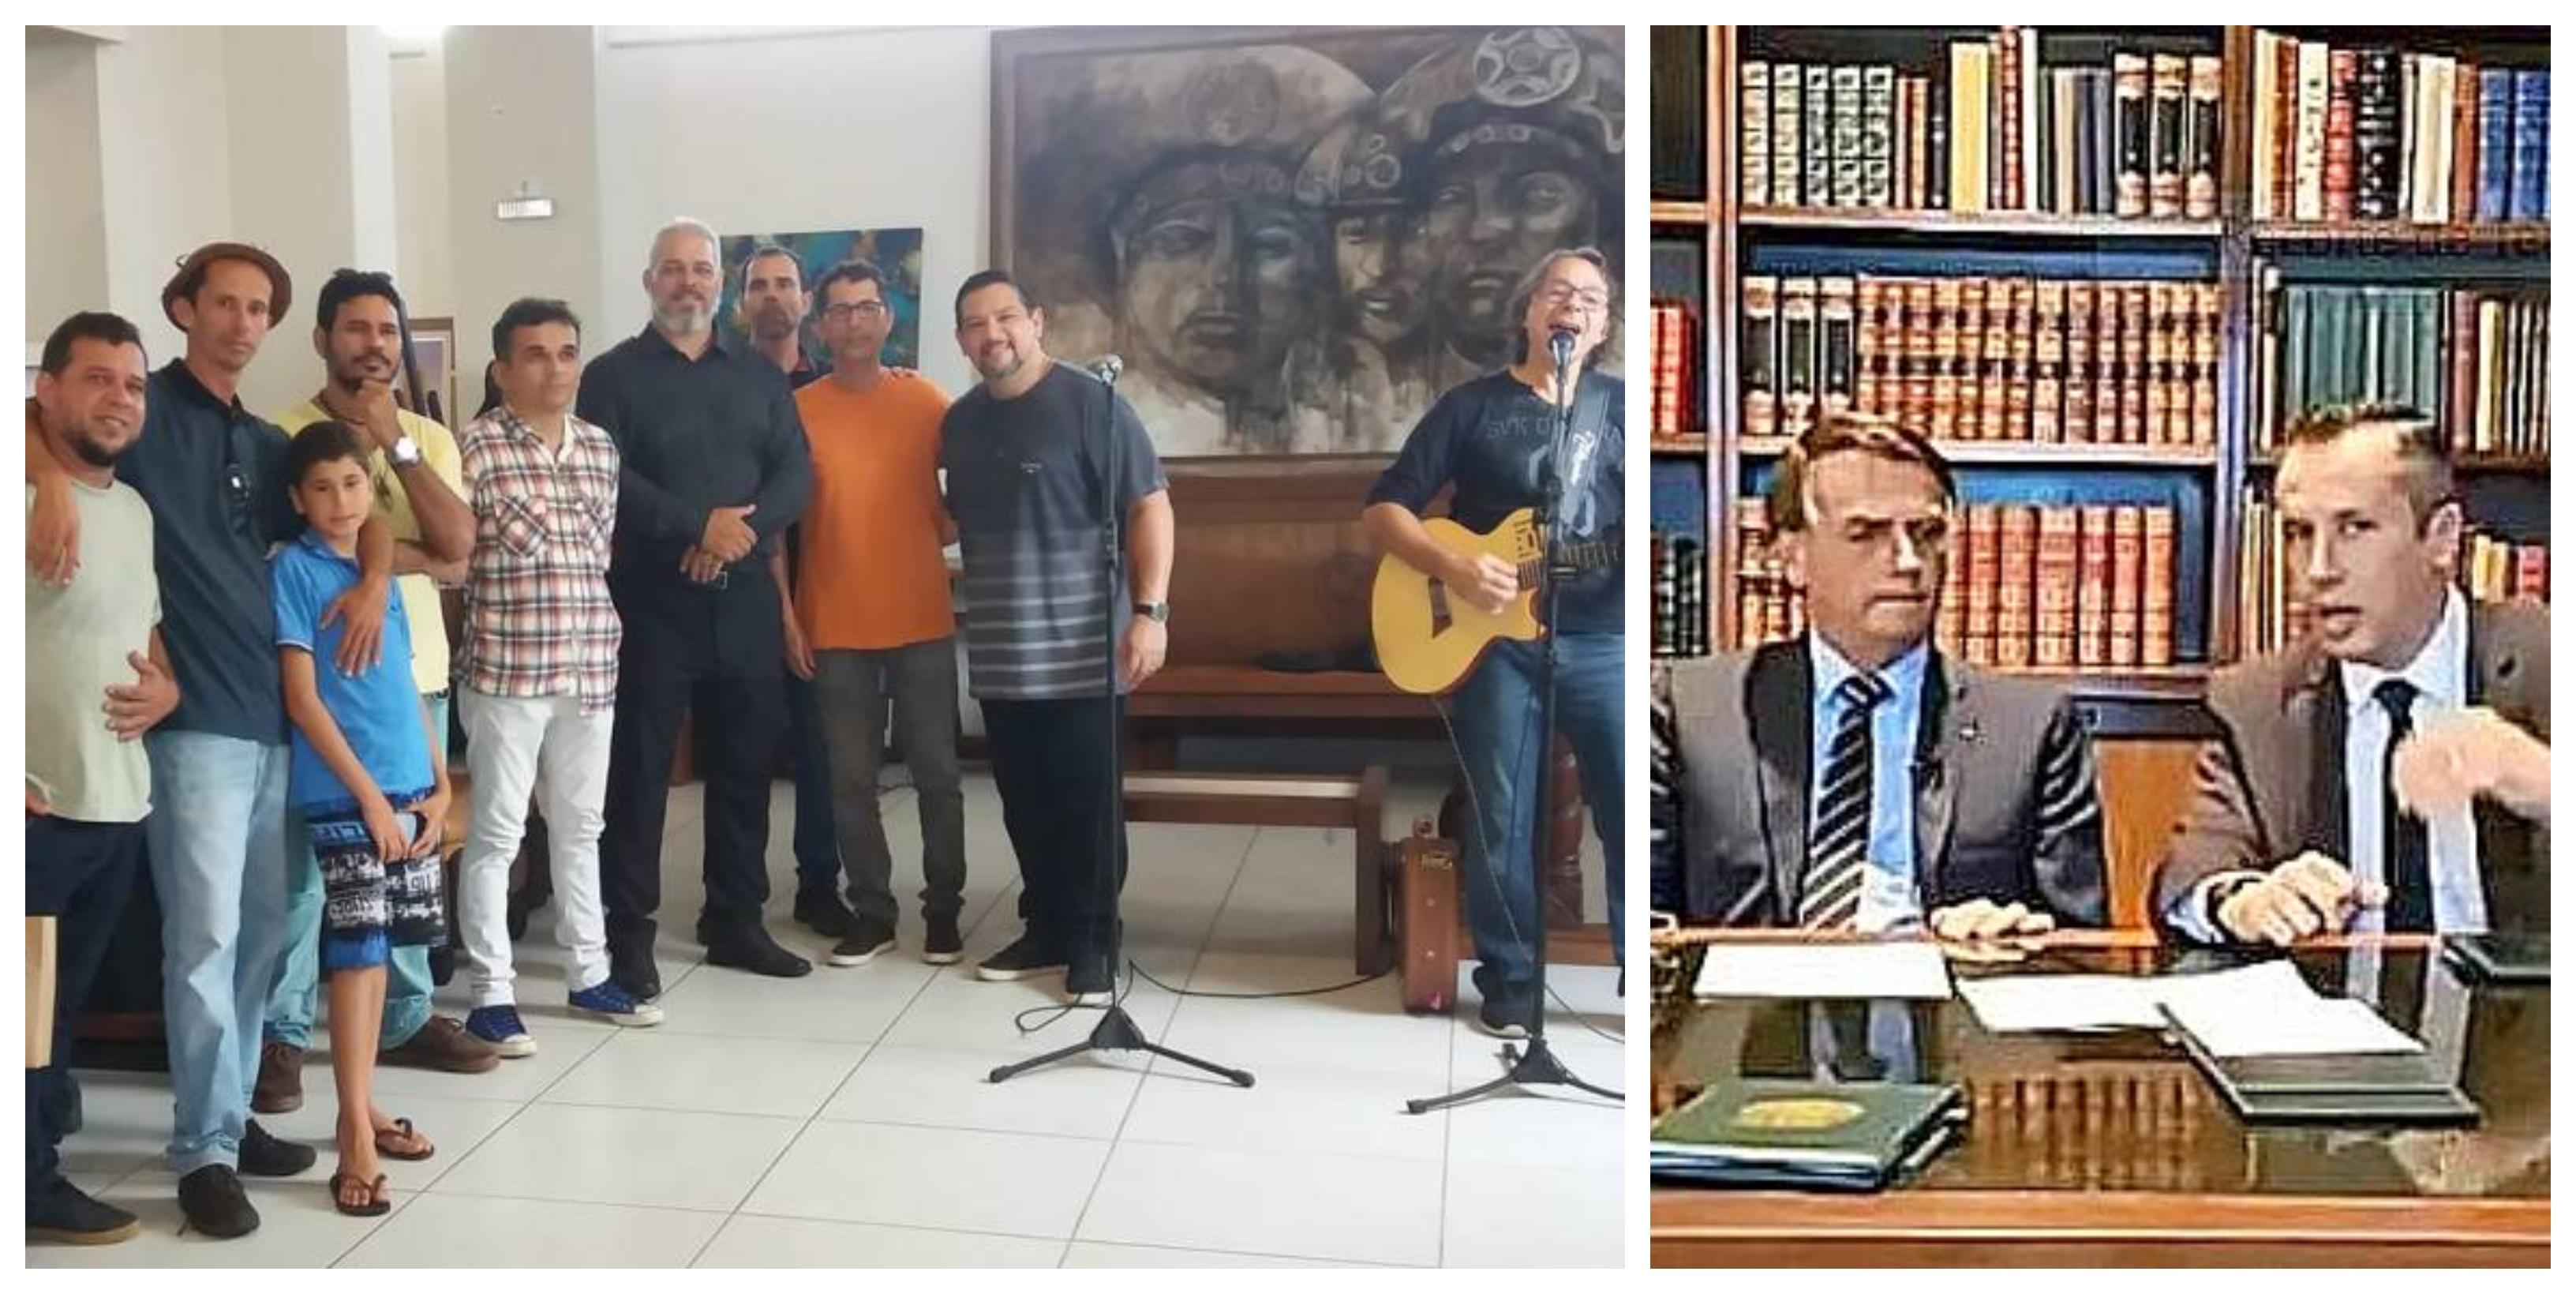 """Jornalista detona movimento de artistas bolsonaristas criado em Natal: """"Enxovalham nosso passado"""""""